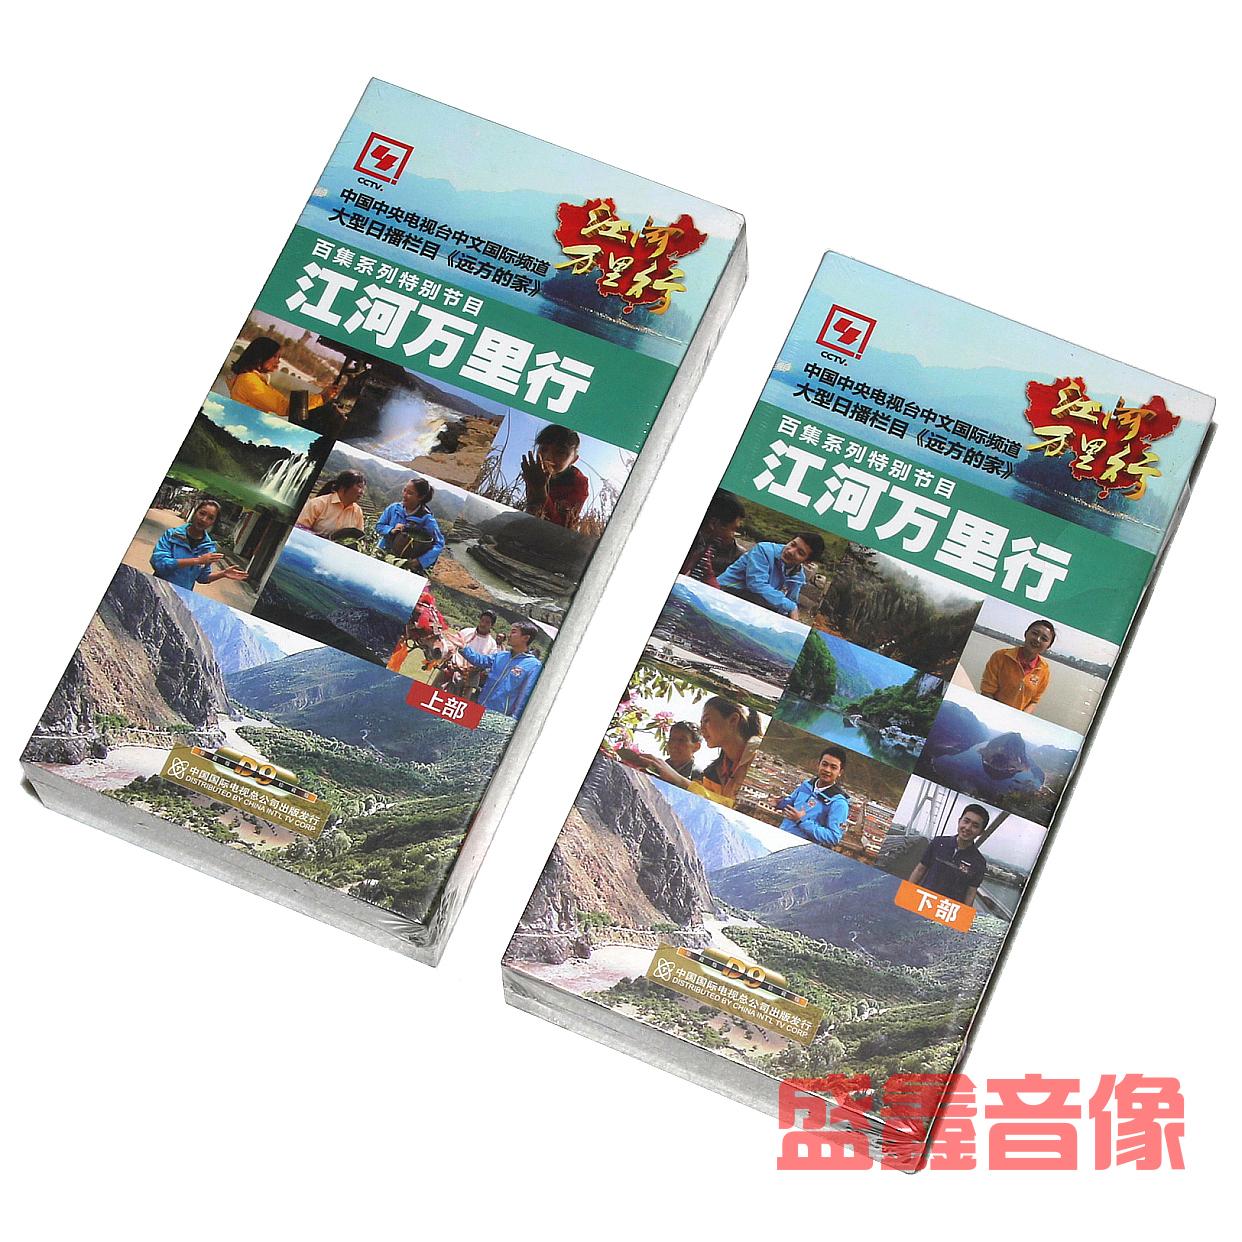 正版 CCTV央视节目 远方的家 江河万里行 全集 高清40DVD光盘碟片